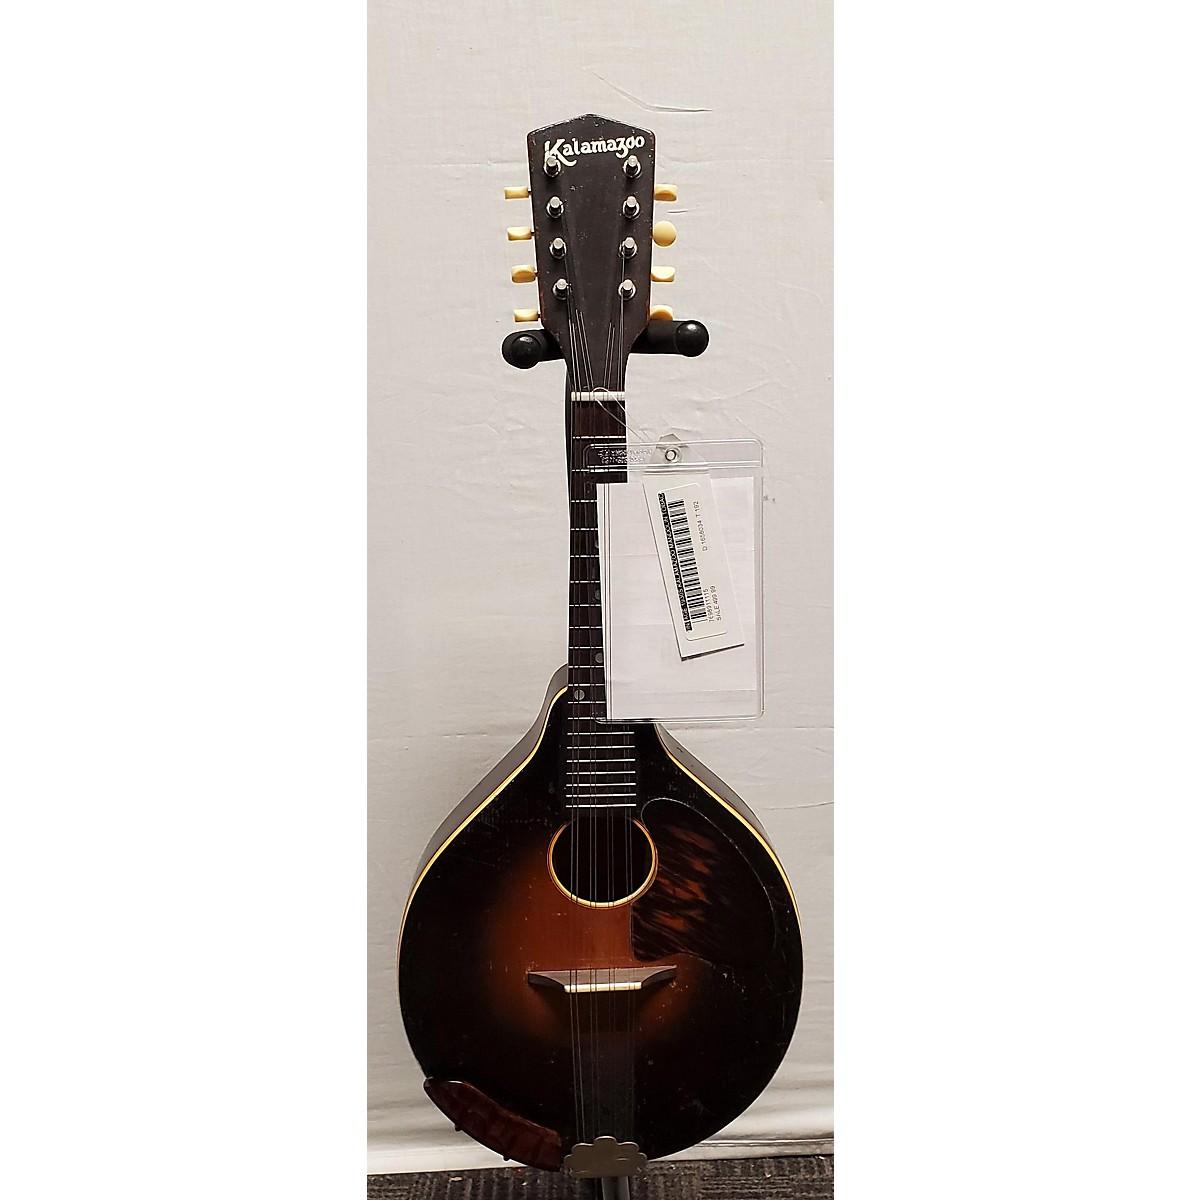 Kalamazoo 1930s Mandolin Mandolin